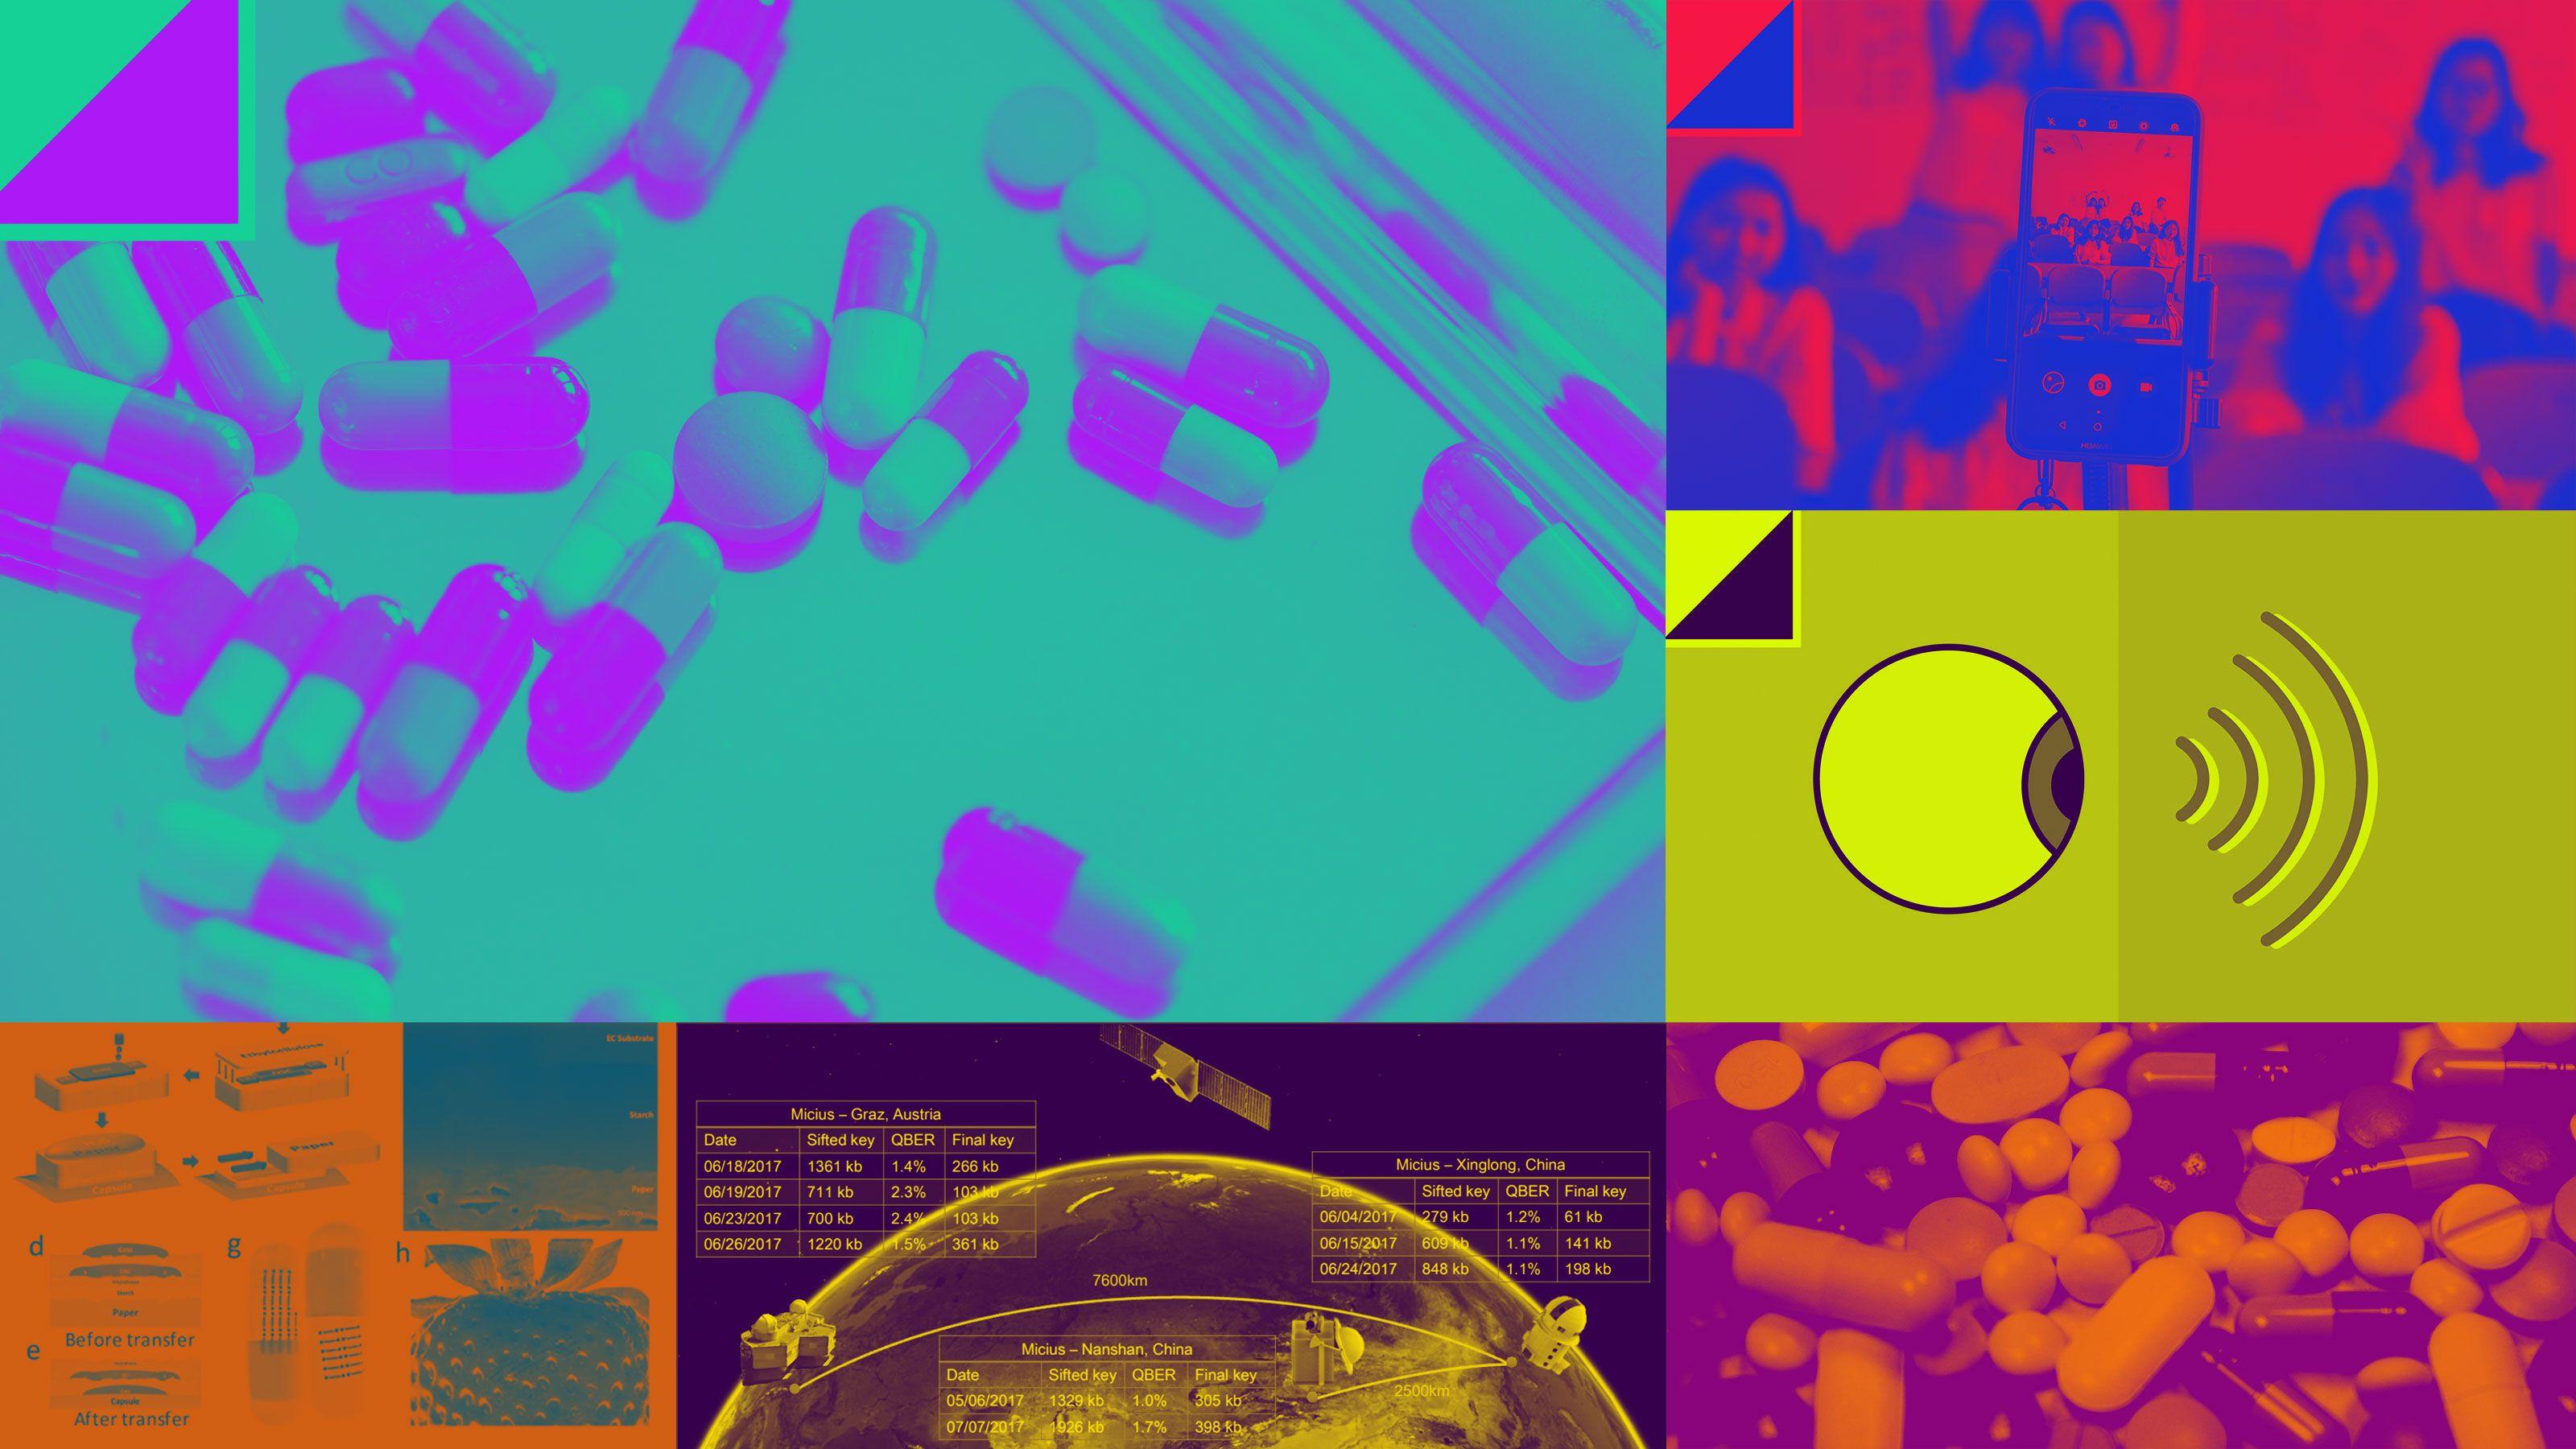 MITTRが2018年に紹介した「arXiv発」のユニークな発明ベスト10